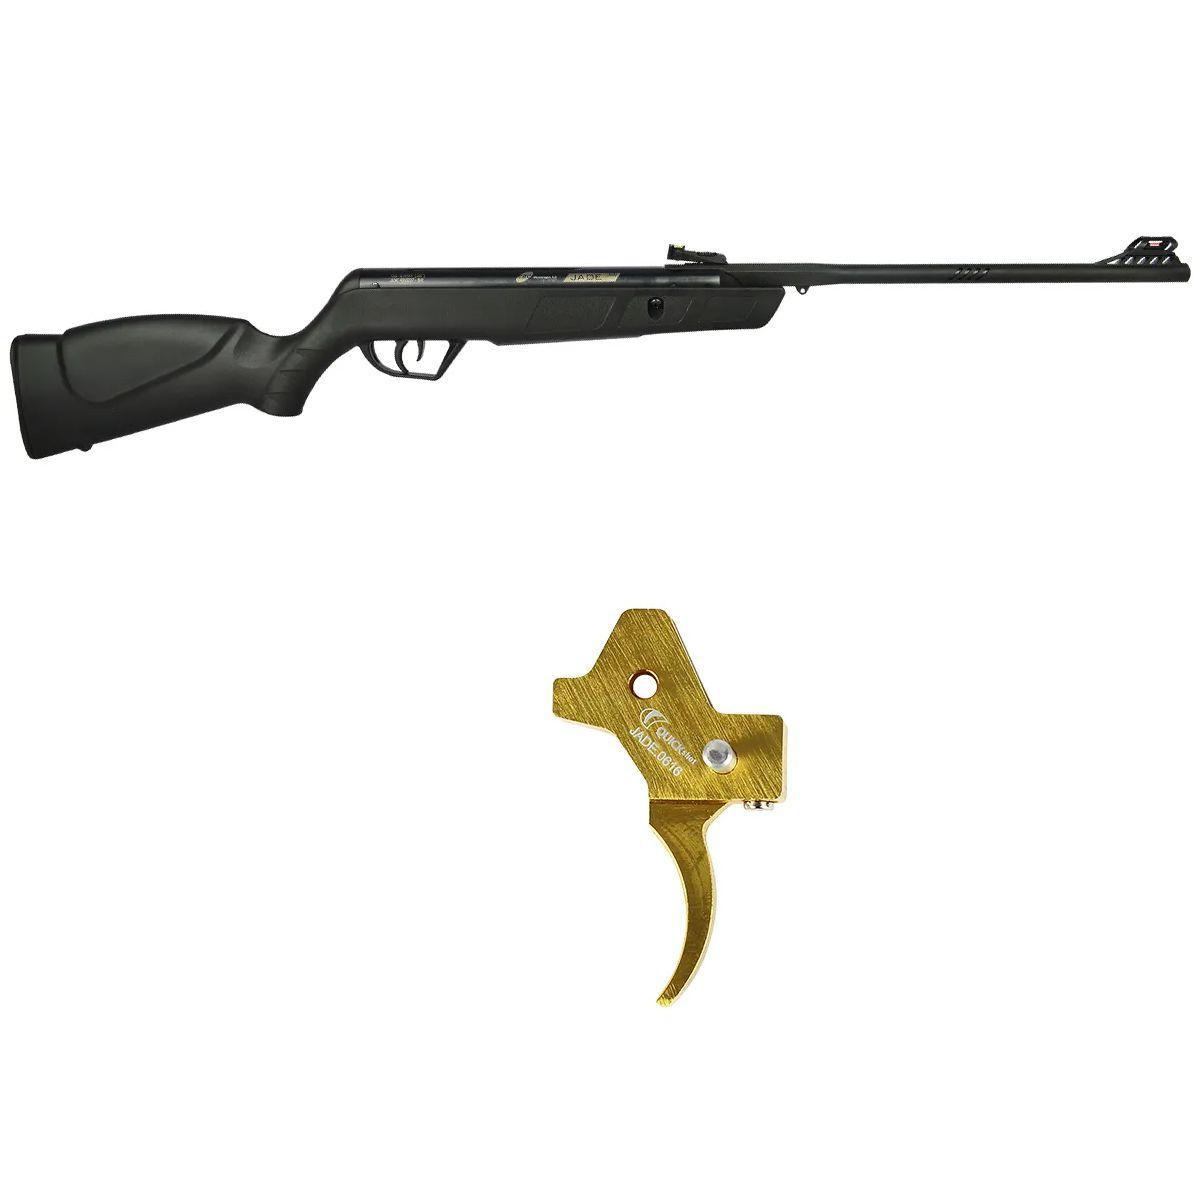 Carabina de Pressão CBC Jade Oxidada Preta 4.5mm + Gatilho Ajustável Dourado